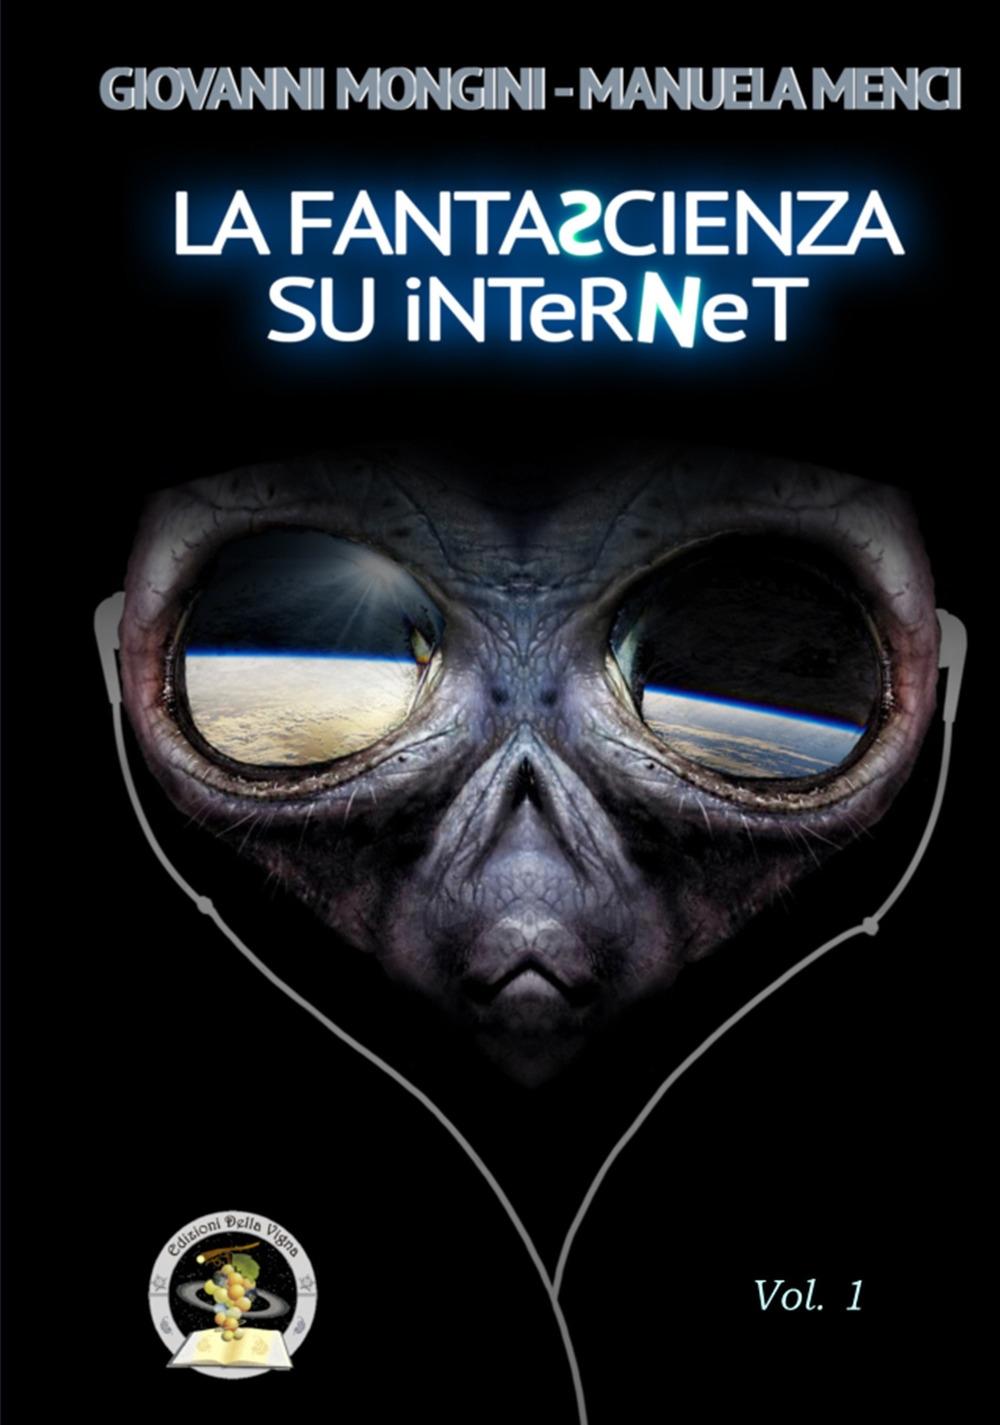 La fantascienza su Internet. Vol. 1